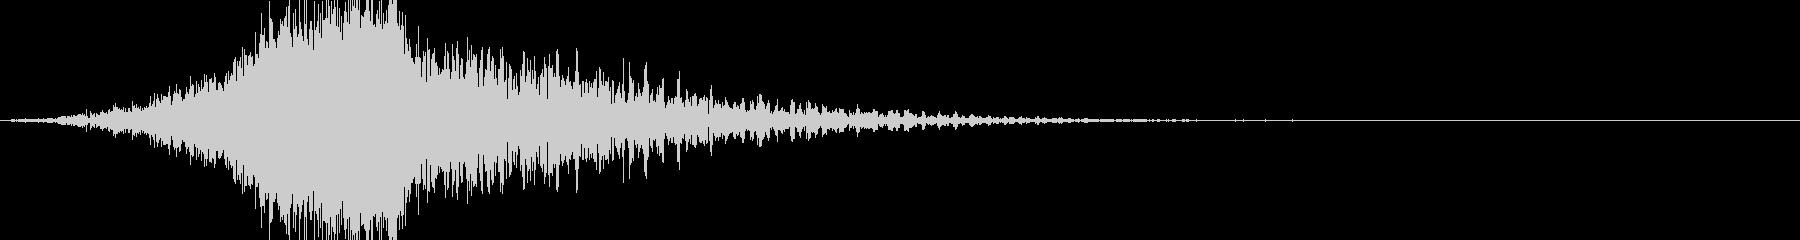 ヒューンどん:徐々に上昇していく音の未再生の波形